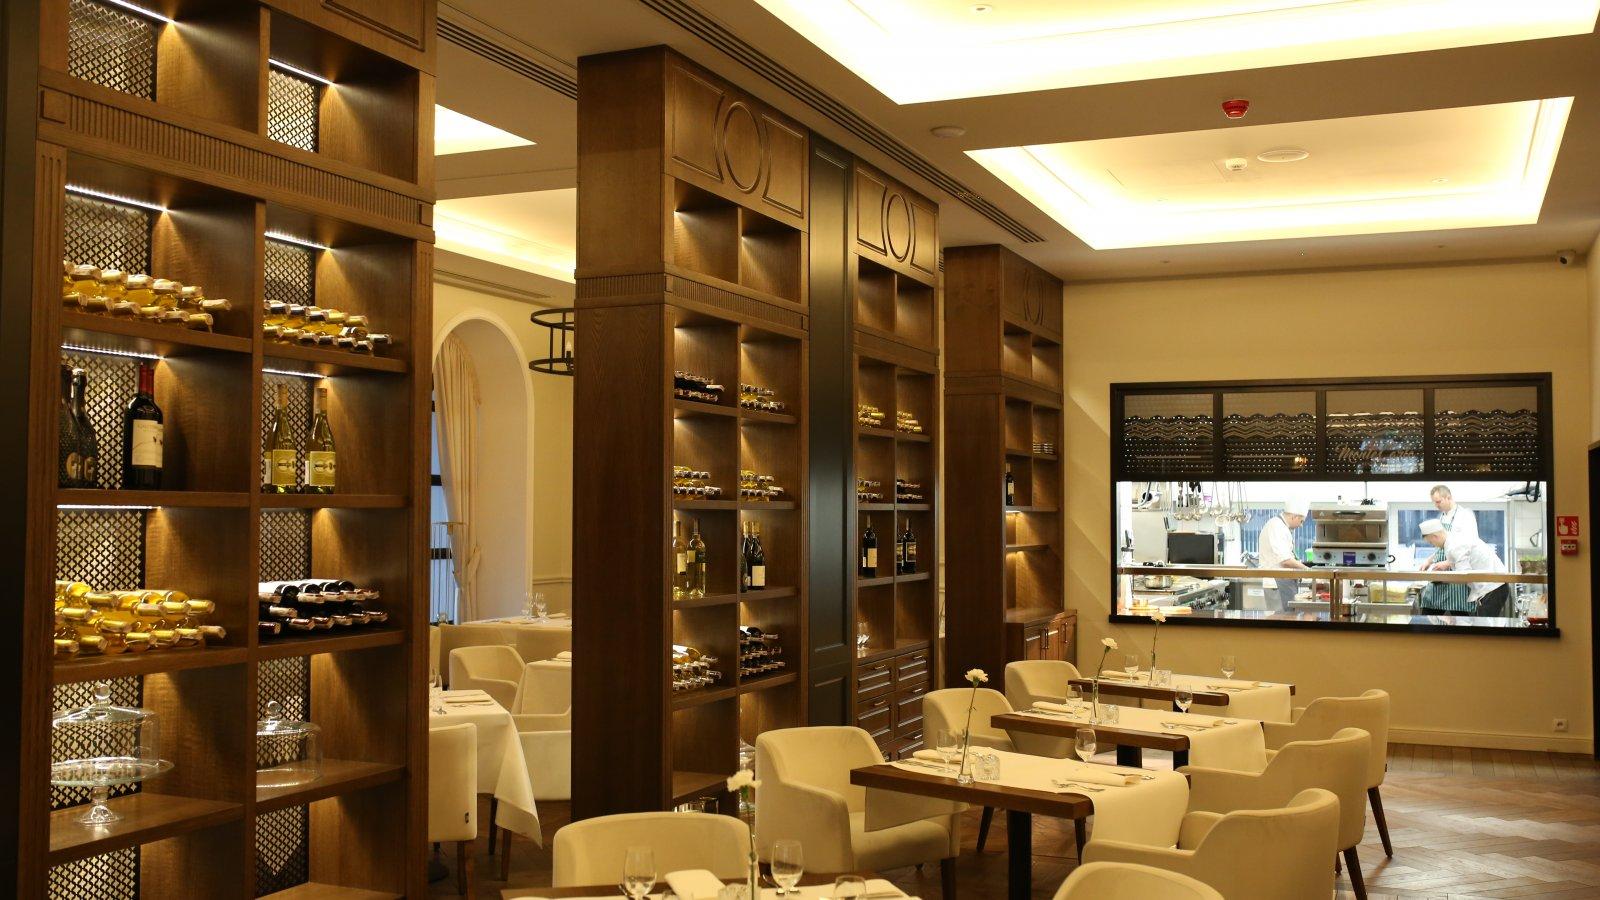 restauracja/Salarestauracyjna.JPG